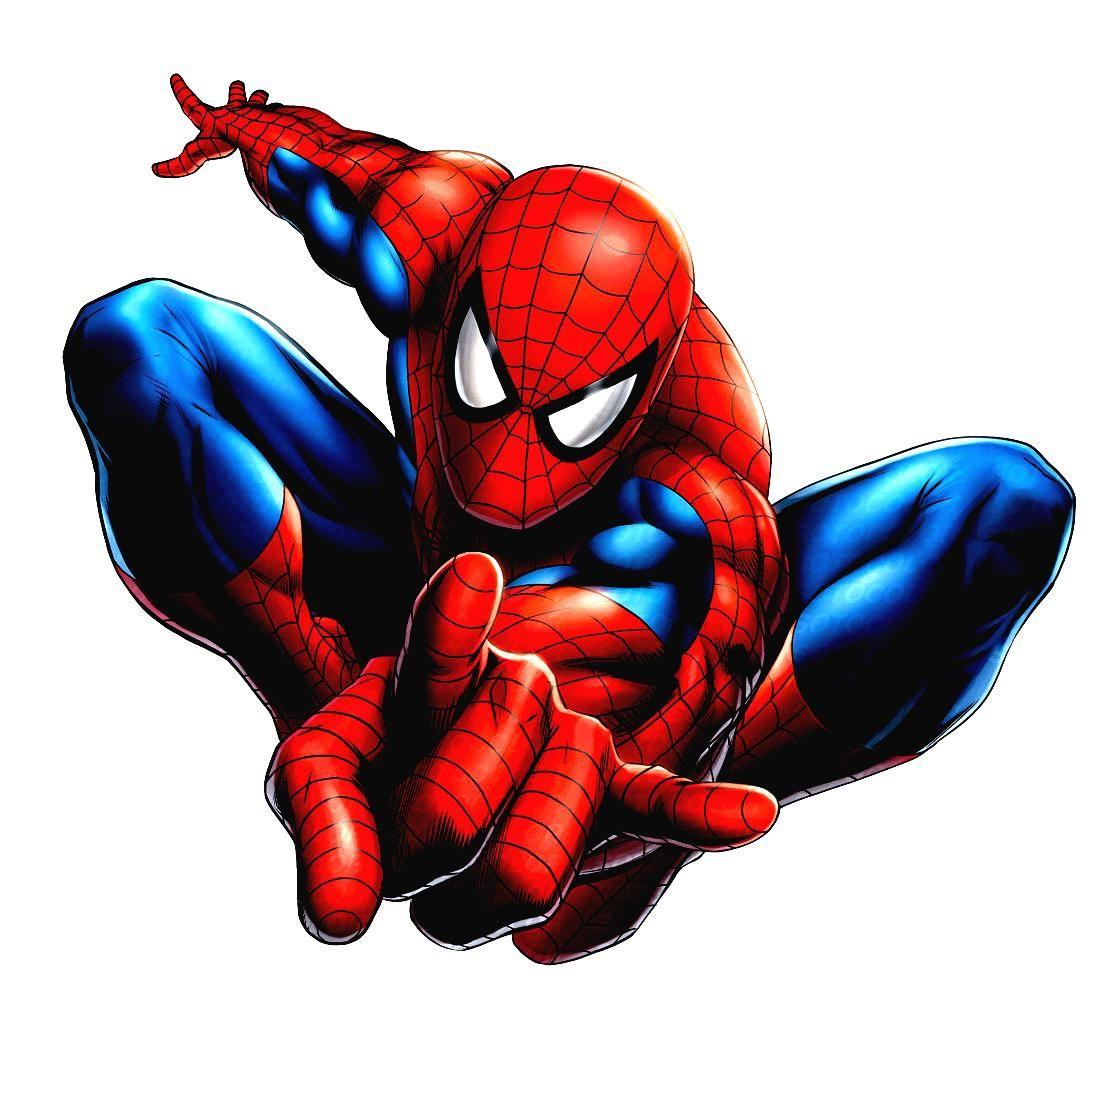 интерьера картинки супергероев марвел человек паук русском украинском языках